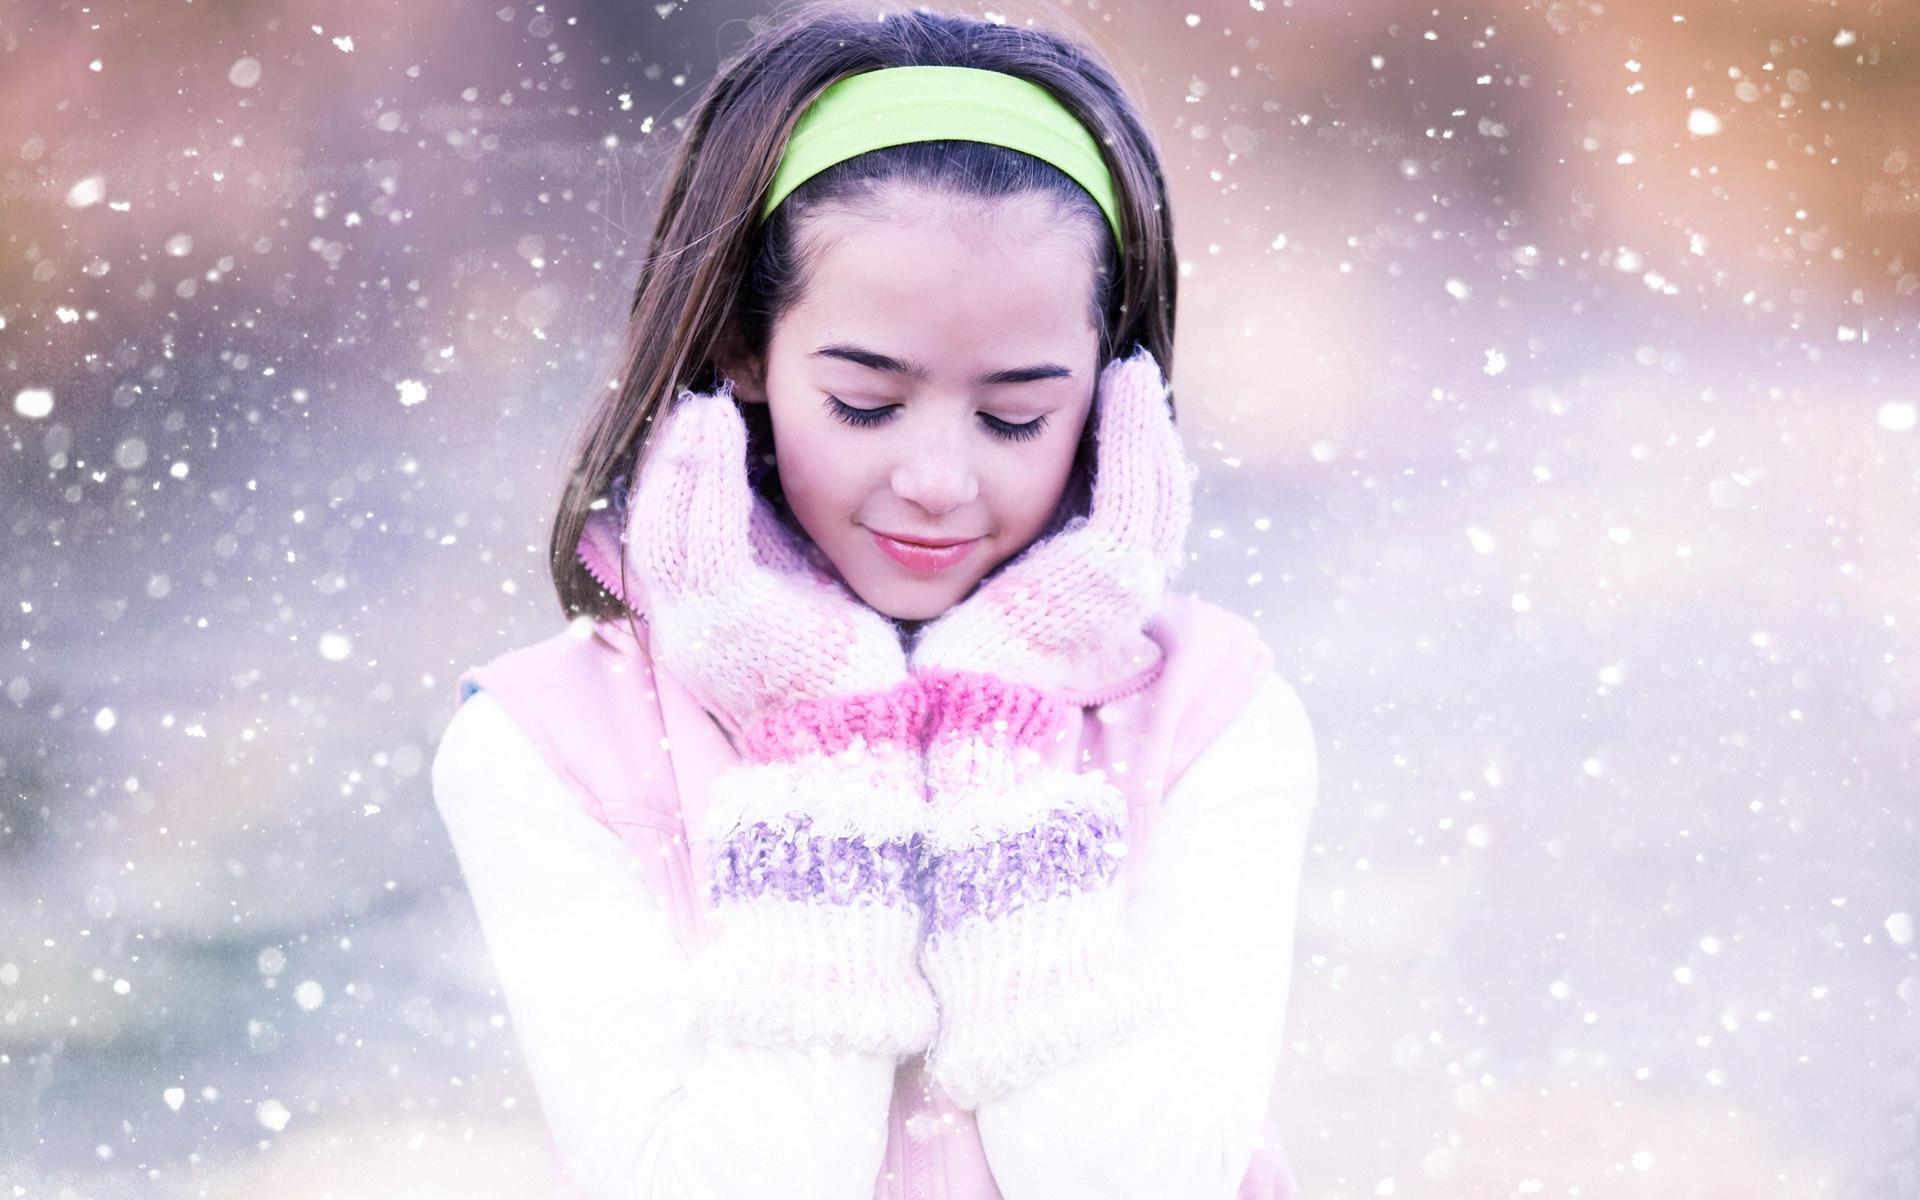 Зима, снежинки, девушка